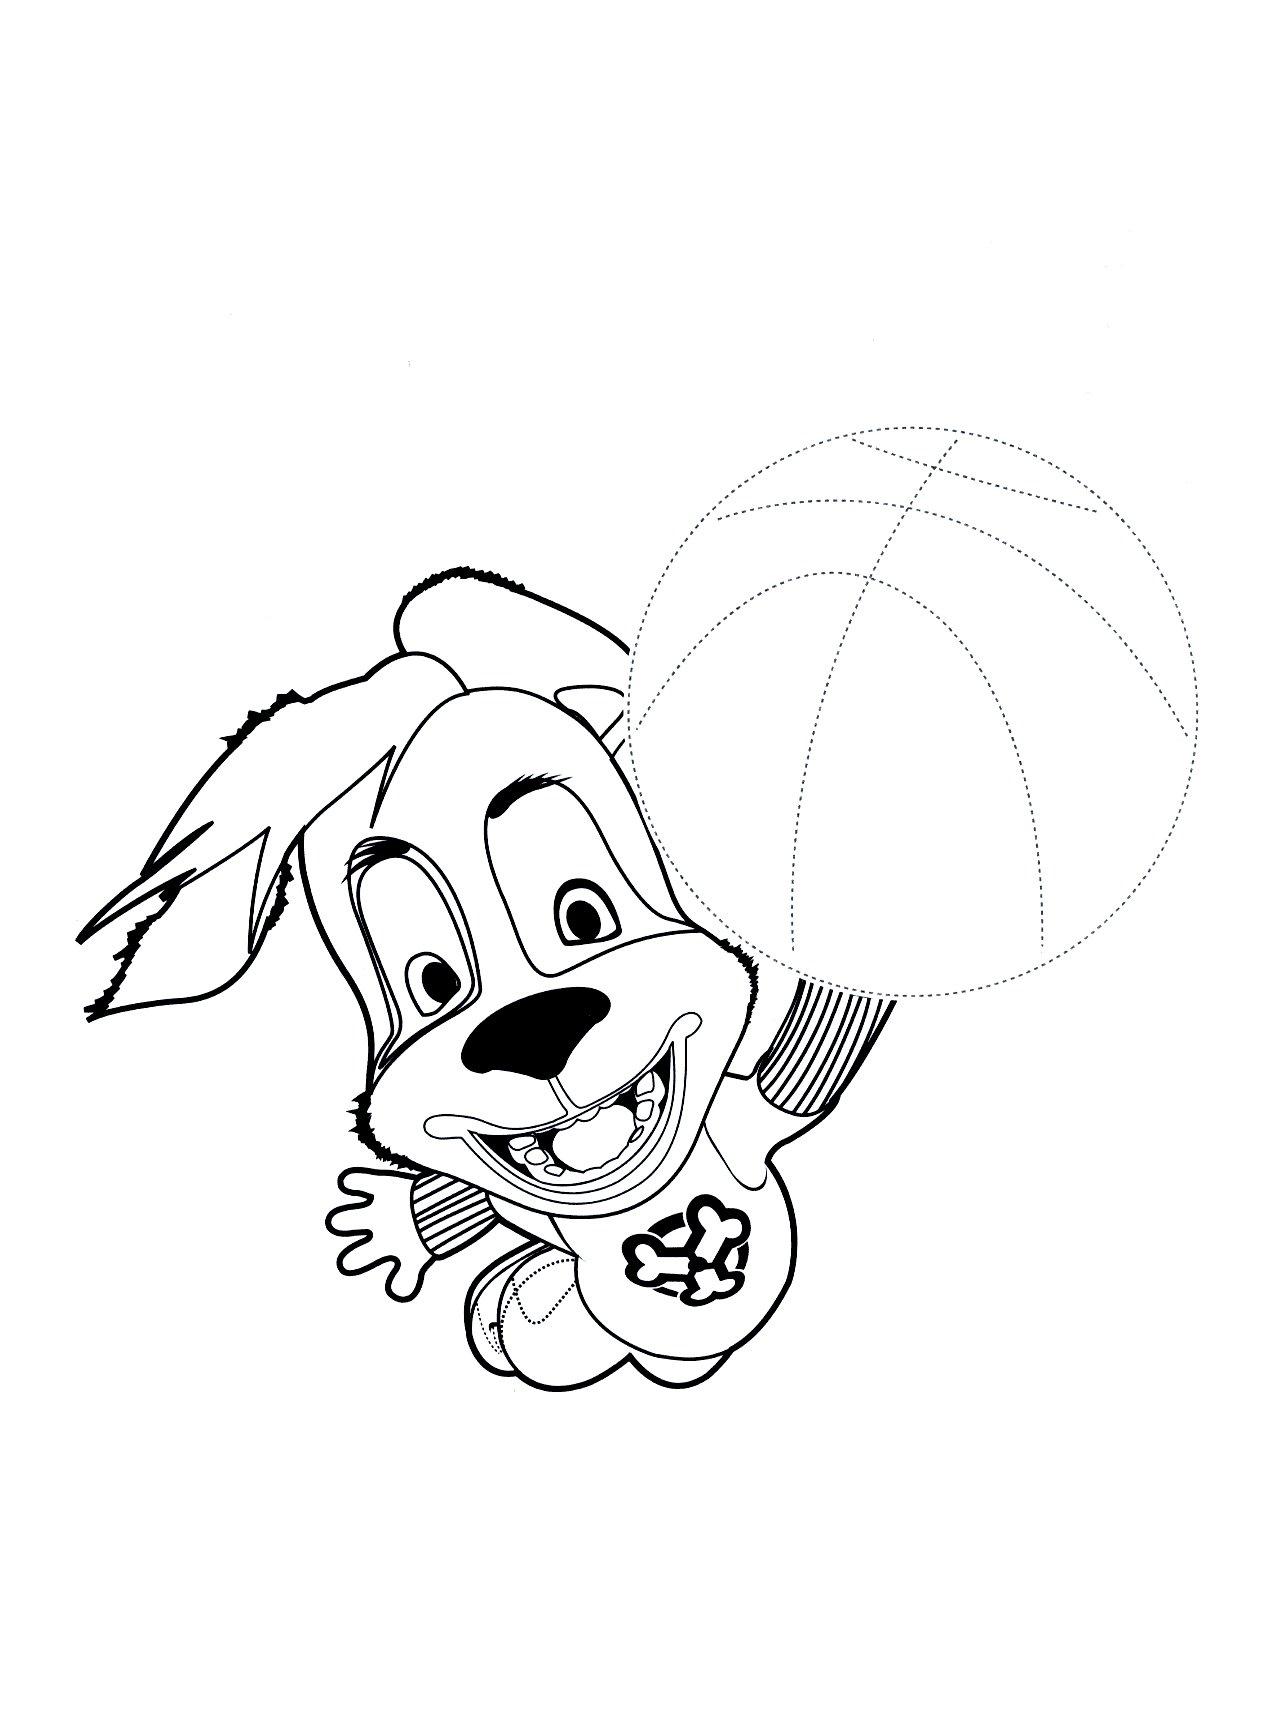 раскраски барбоскины дружок с мячом раскраски барбоскины